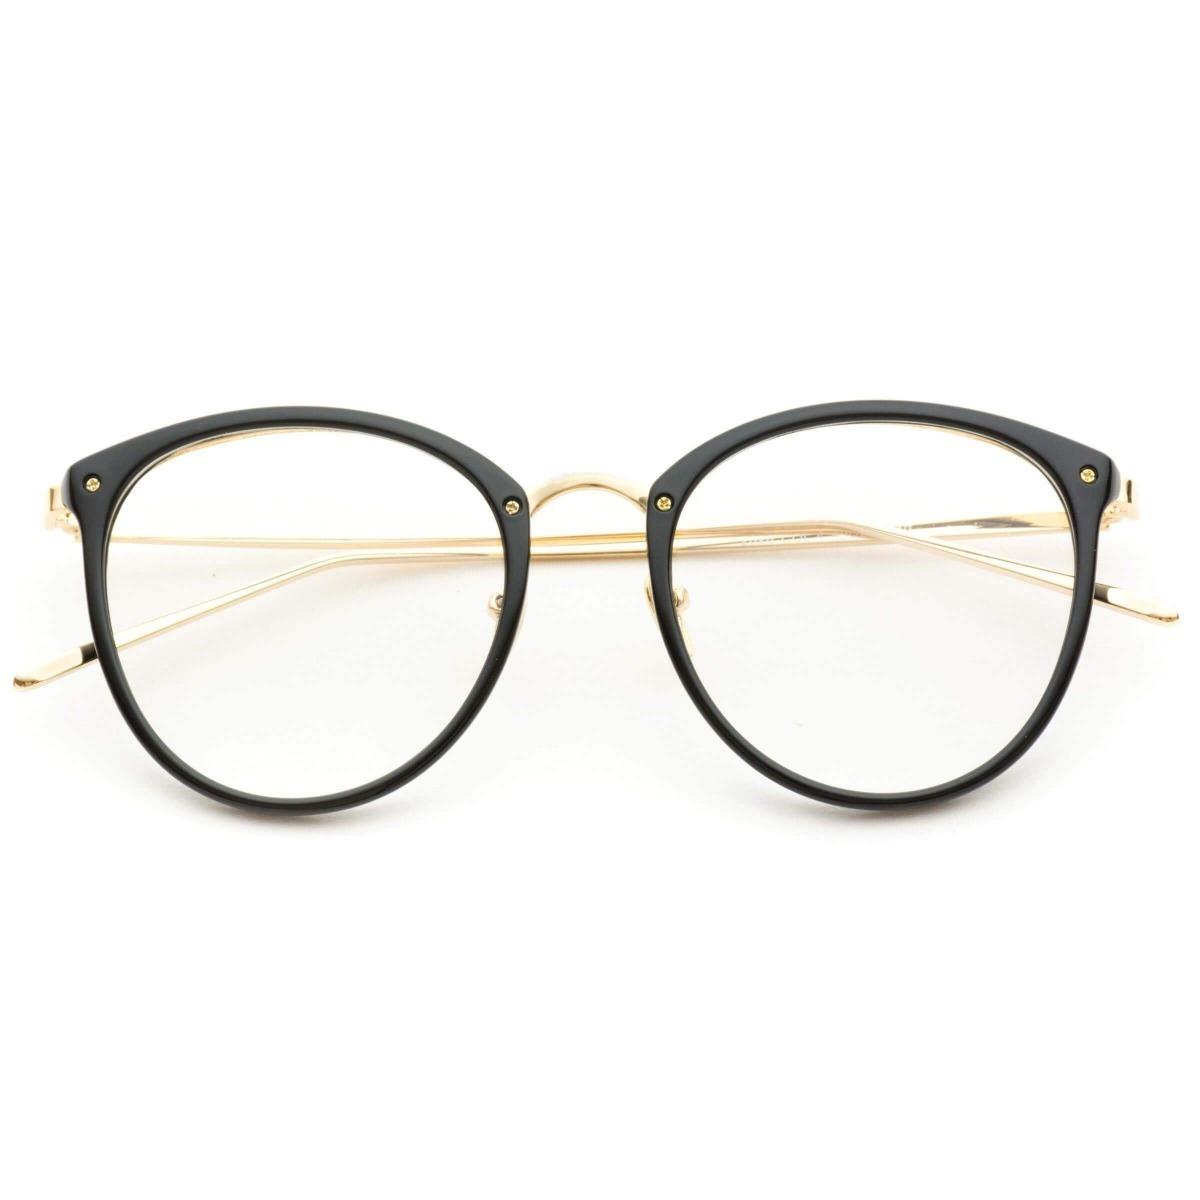 132d3285a7652 armação oculos de grau prada original feminino lançamento. Carregando zoom.